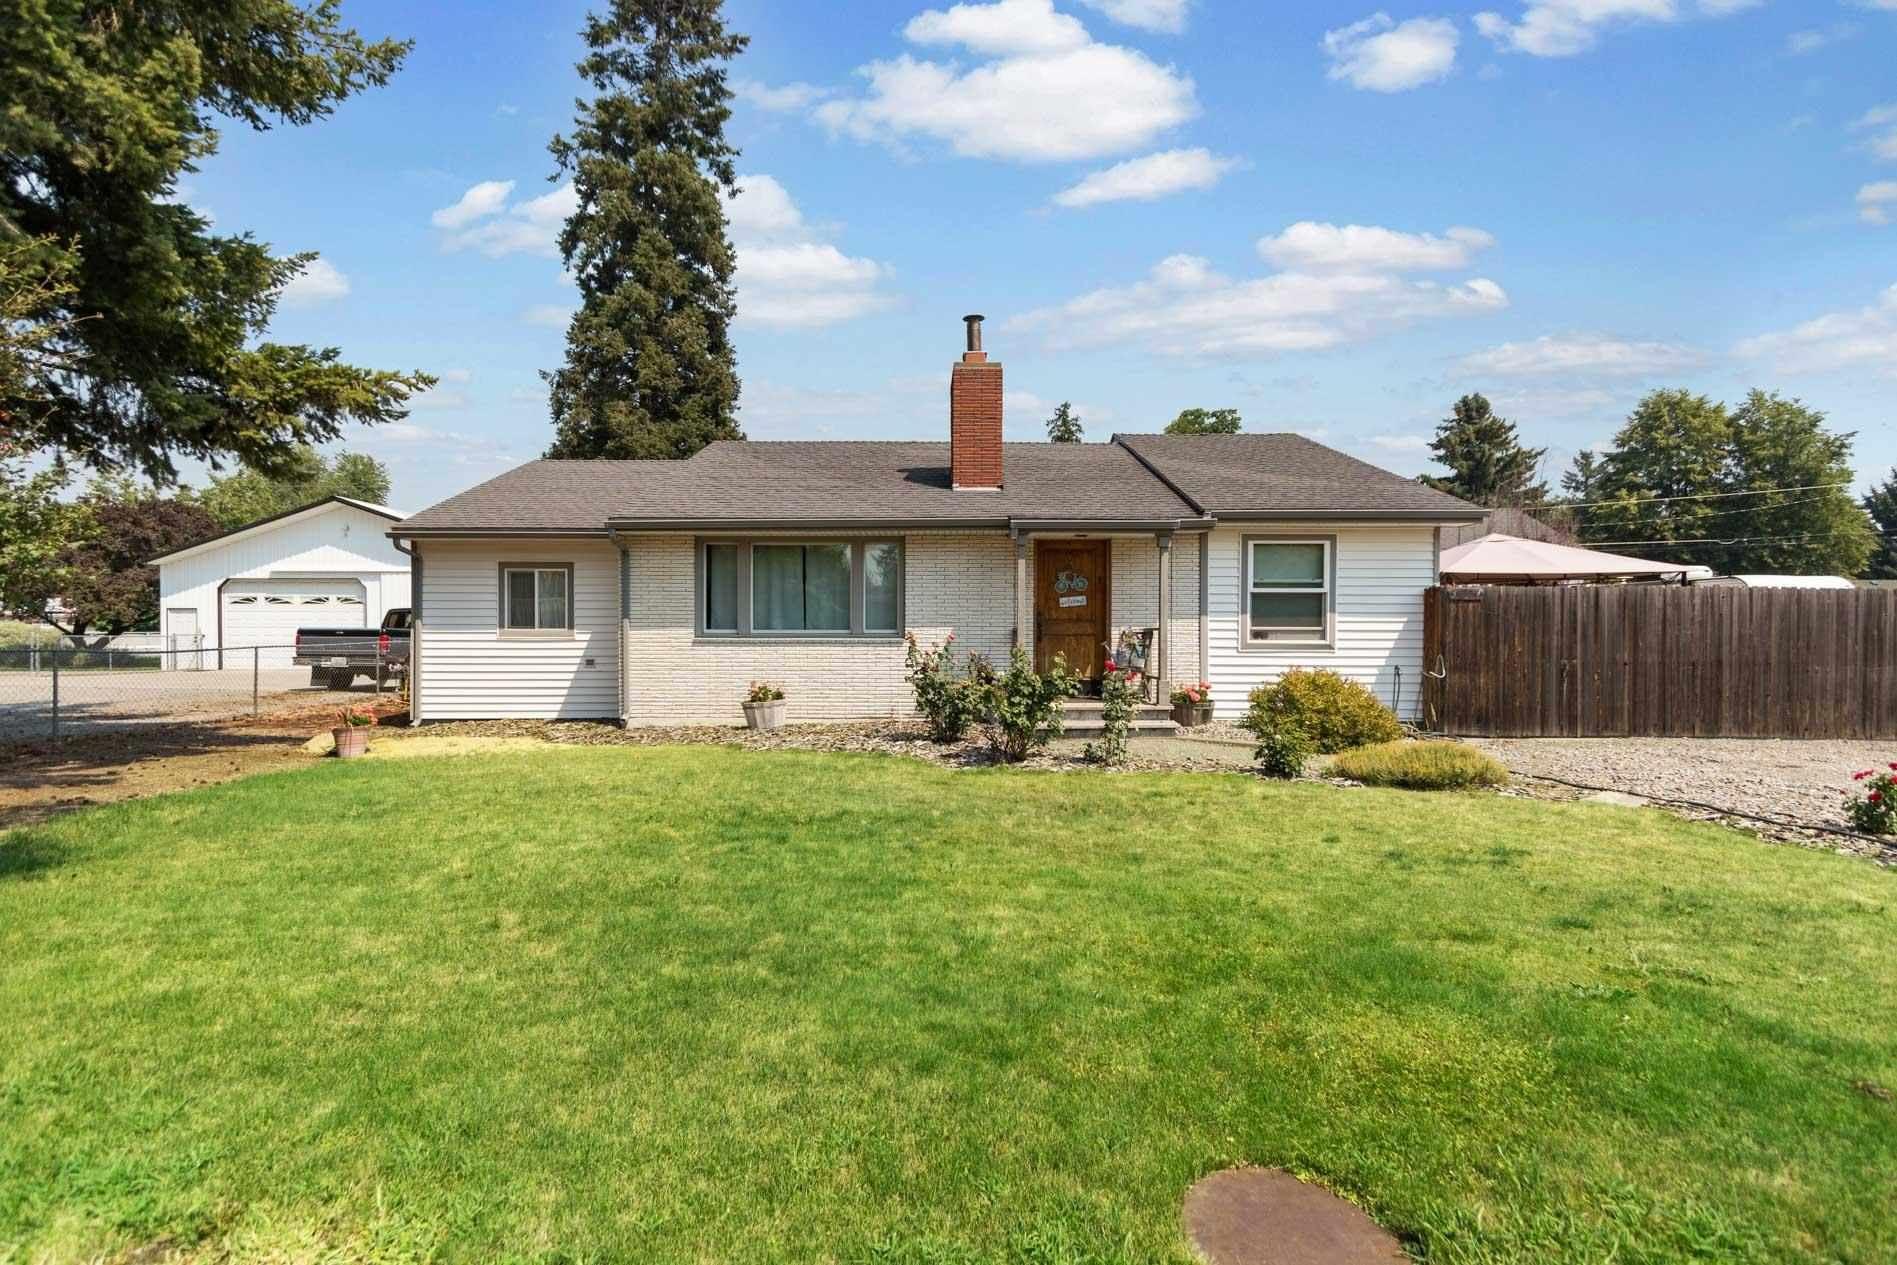 3224 N Center Rd, Spokane Valley, WA 99212 - #: 202119579